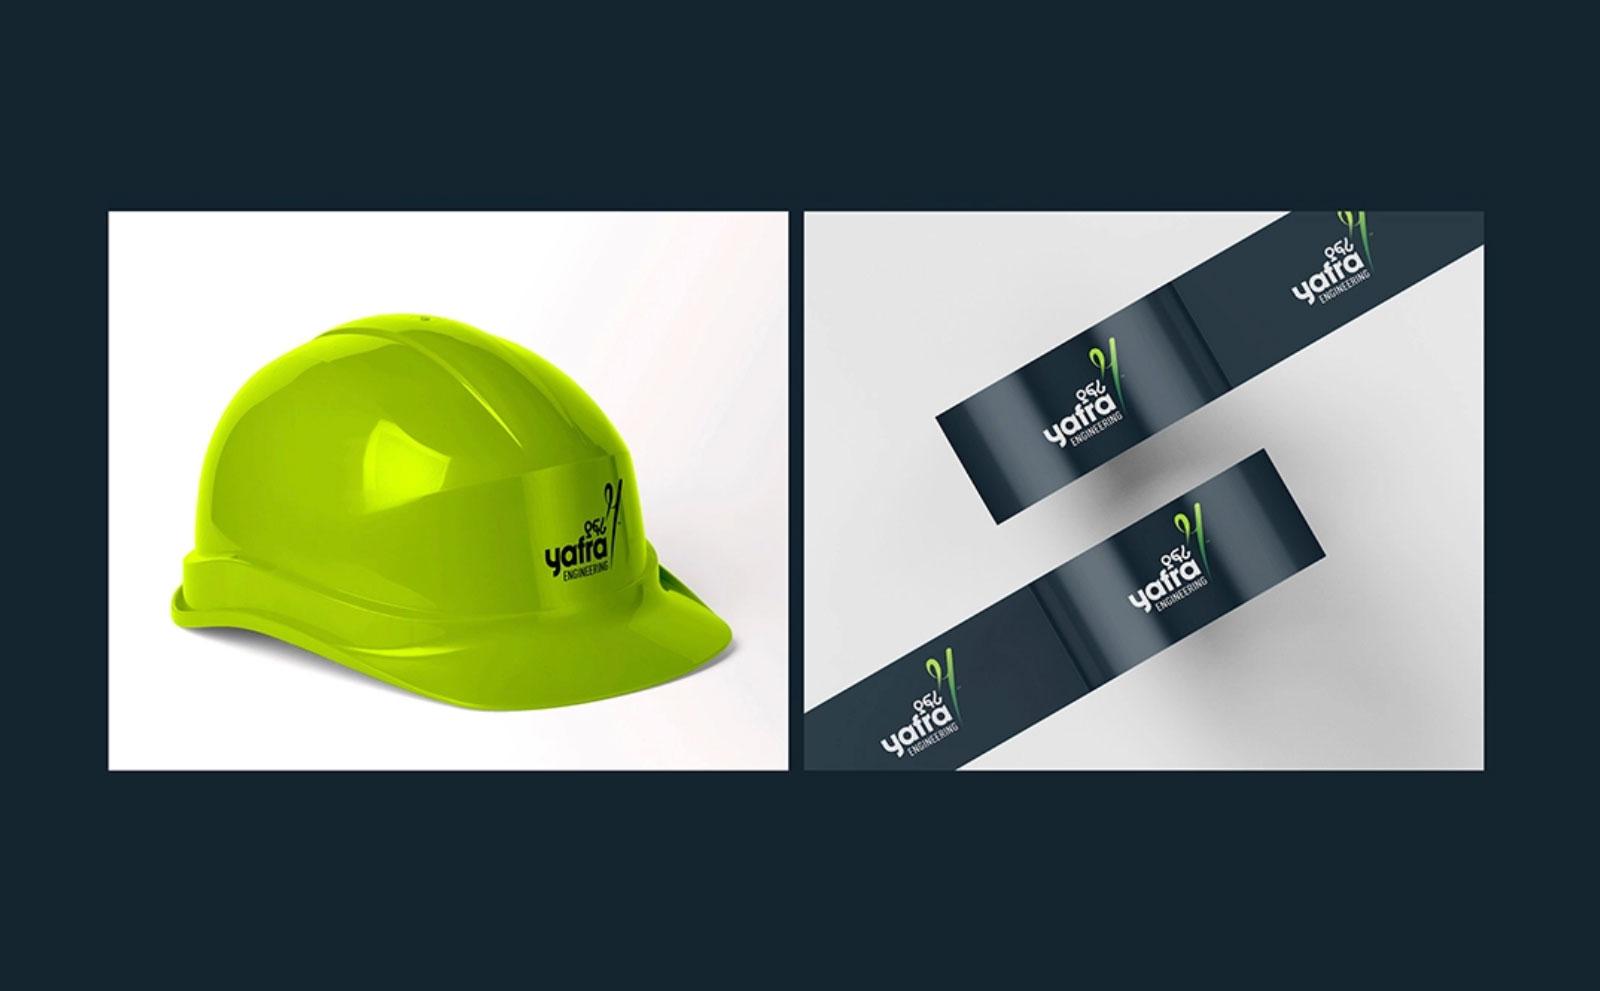 建筑工程公司品牌形象设计